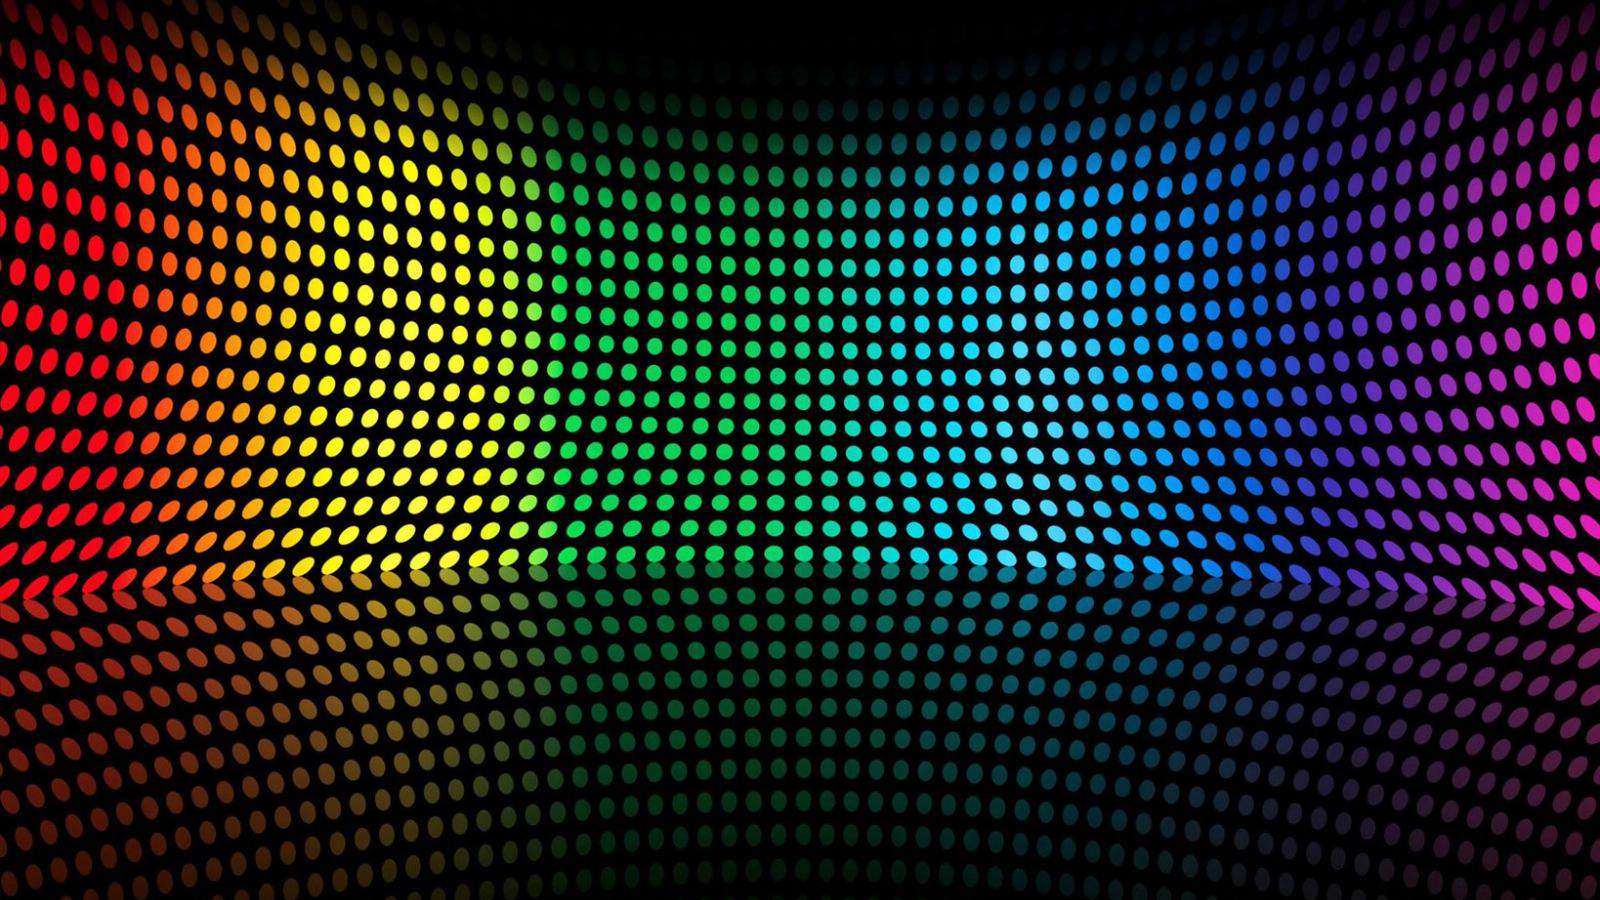 Free Download Cool Tablet Wallpapers Desktop Backgrounds 1638x1024 For Your Desktop Mobile Tablet Explore 50 Free Wallpaper Backgrounds For Tablet Google Tablet Wallpaper Wallpapers And Screensavers For Tablet Free